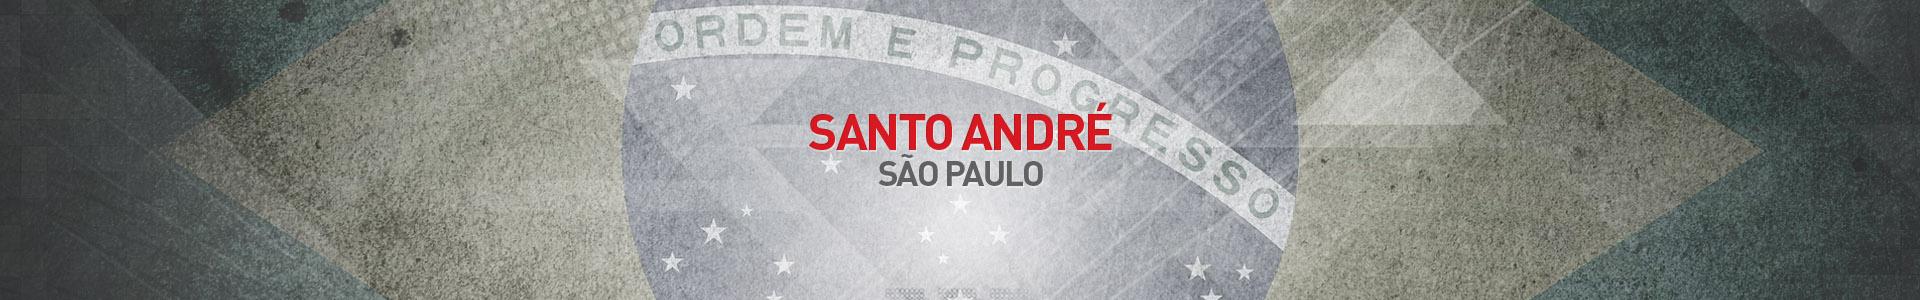 Topo-Cidades-Santo-Andre-SBA